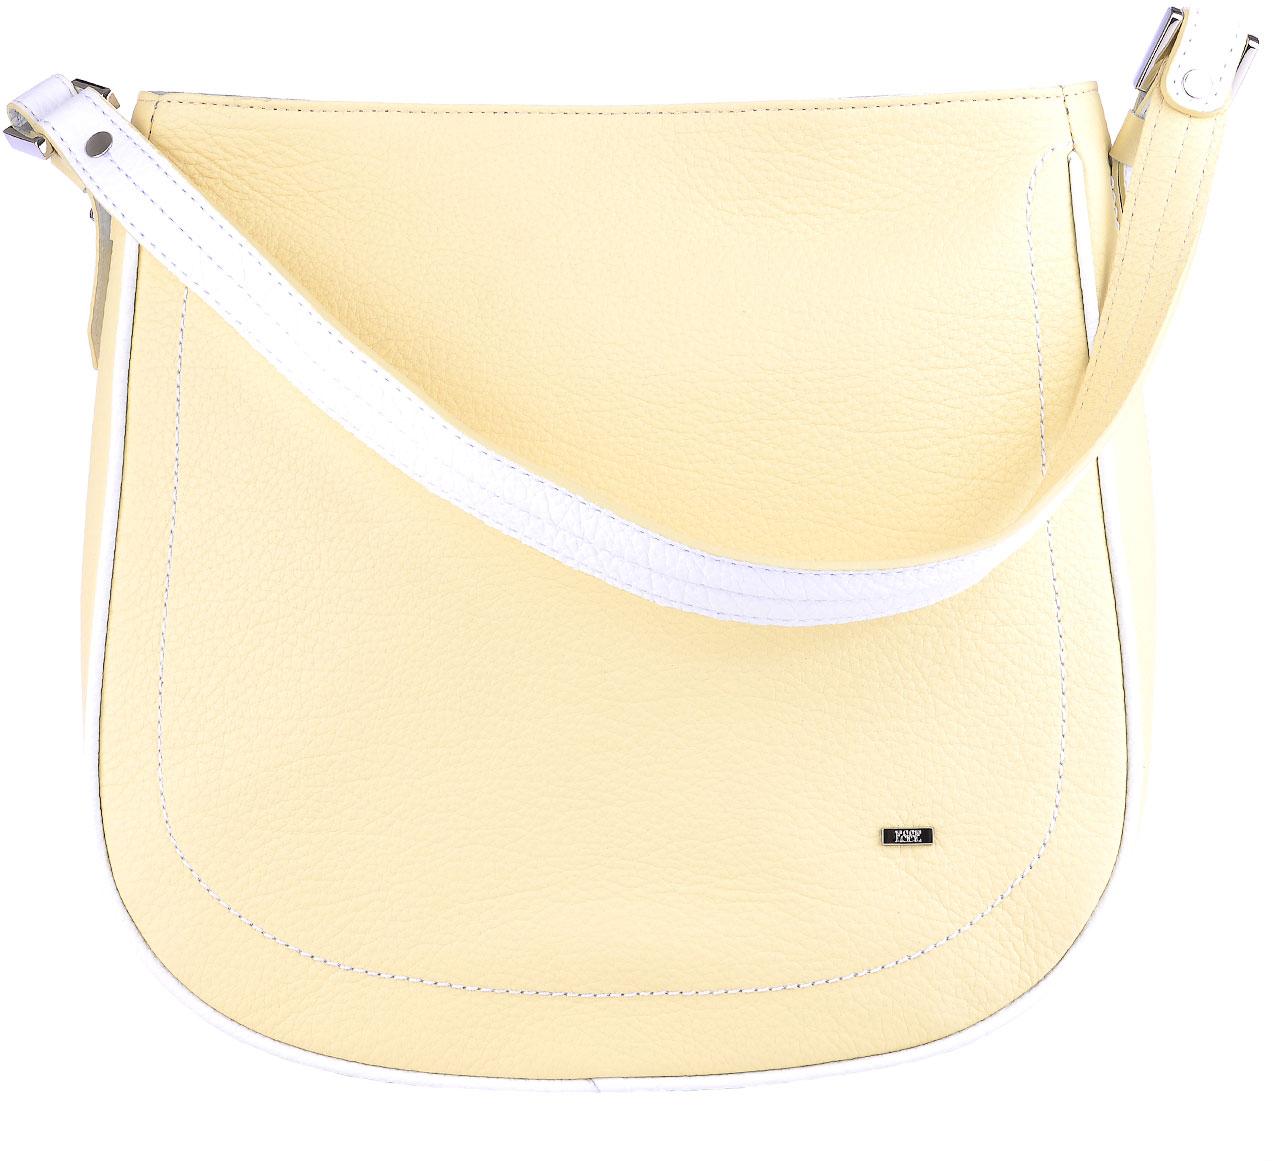 Сумка женская Esse Стефани, цвет: желтый, белый23008Женская сумка Esse изготовлена из натуральной кожи. Оригинальная женская сумка мягкой конструкции закрывается на молнию. Внутри одно отделение, боковой карман на молнии и открытый карман для телефона. На задней стенке снаружи карман на молнии. Сумка предназначена для ношения на плече, на локте или в руке.